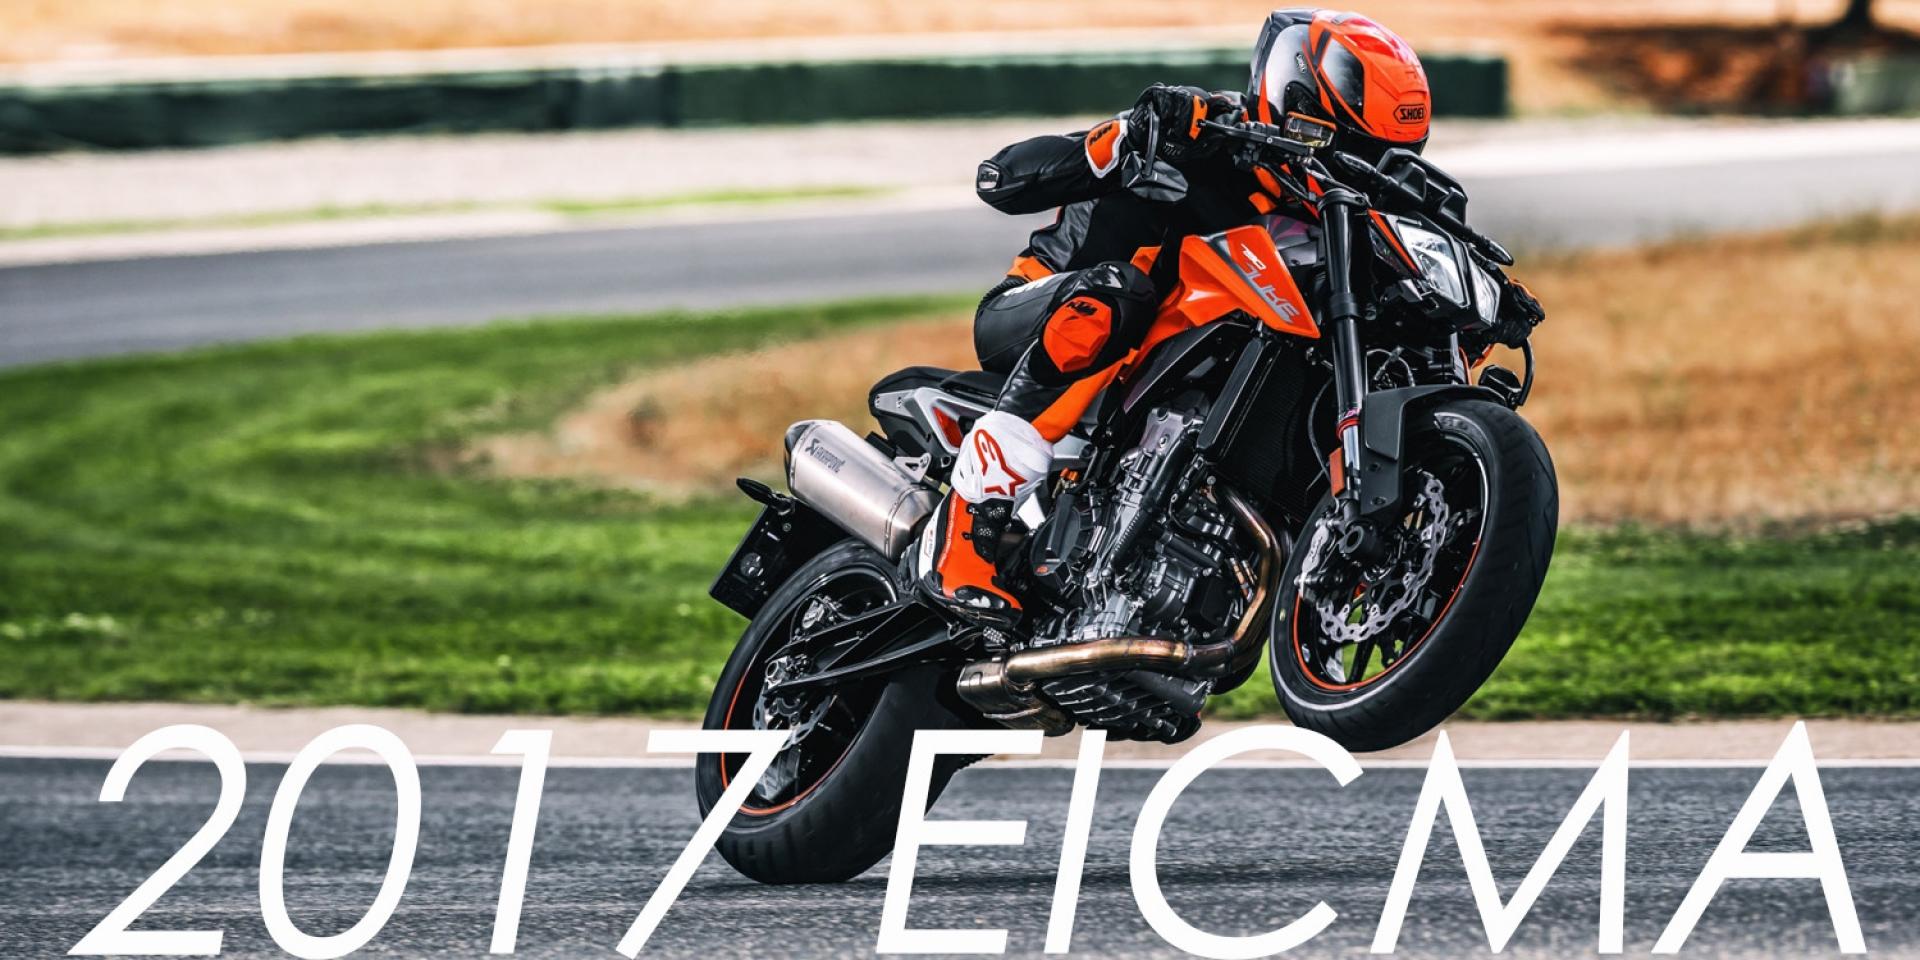 2017 米蘭車展。新引擎新震撼-KTM 790 DUKE